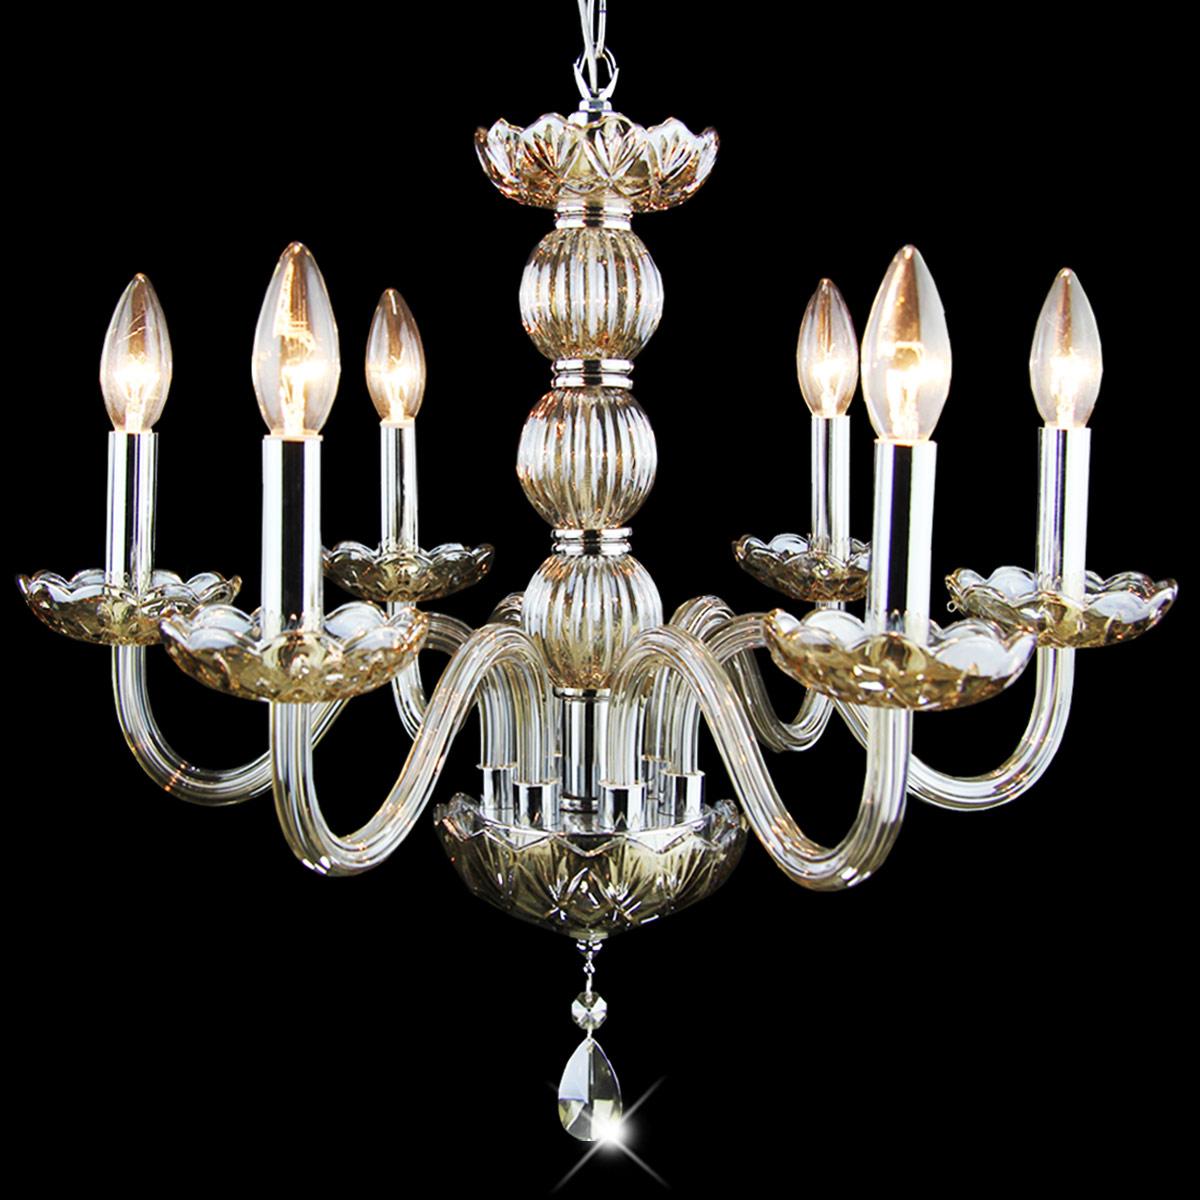 现代简约欧式蜡烛水晶吊灯餐厅卧室客厅意大利风格酒吧台吊灯1189图片